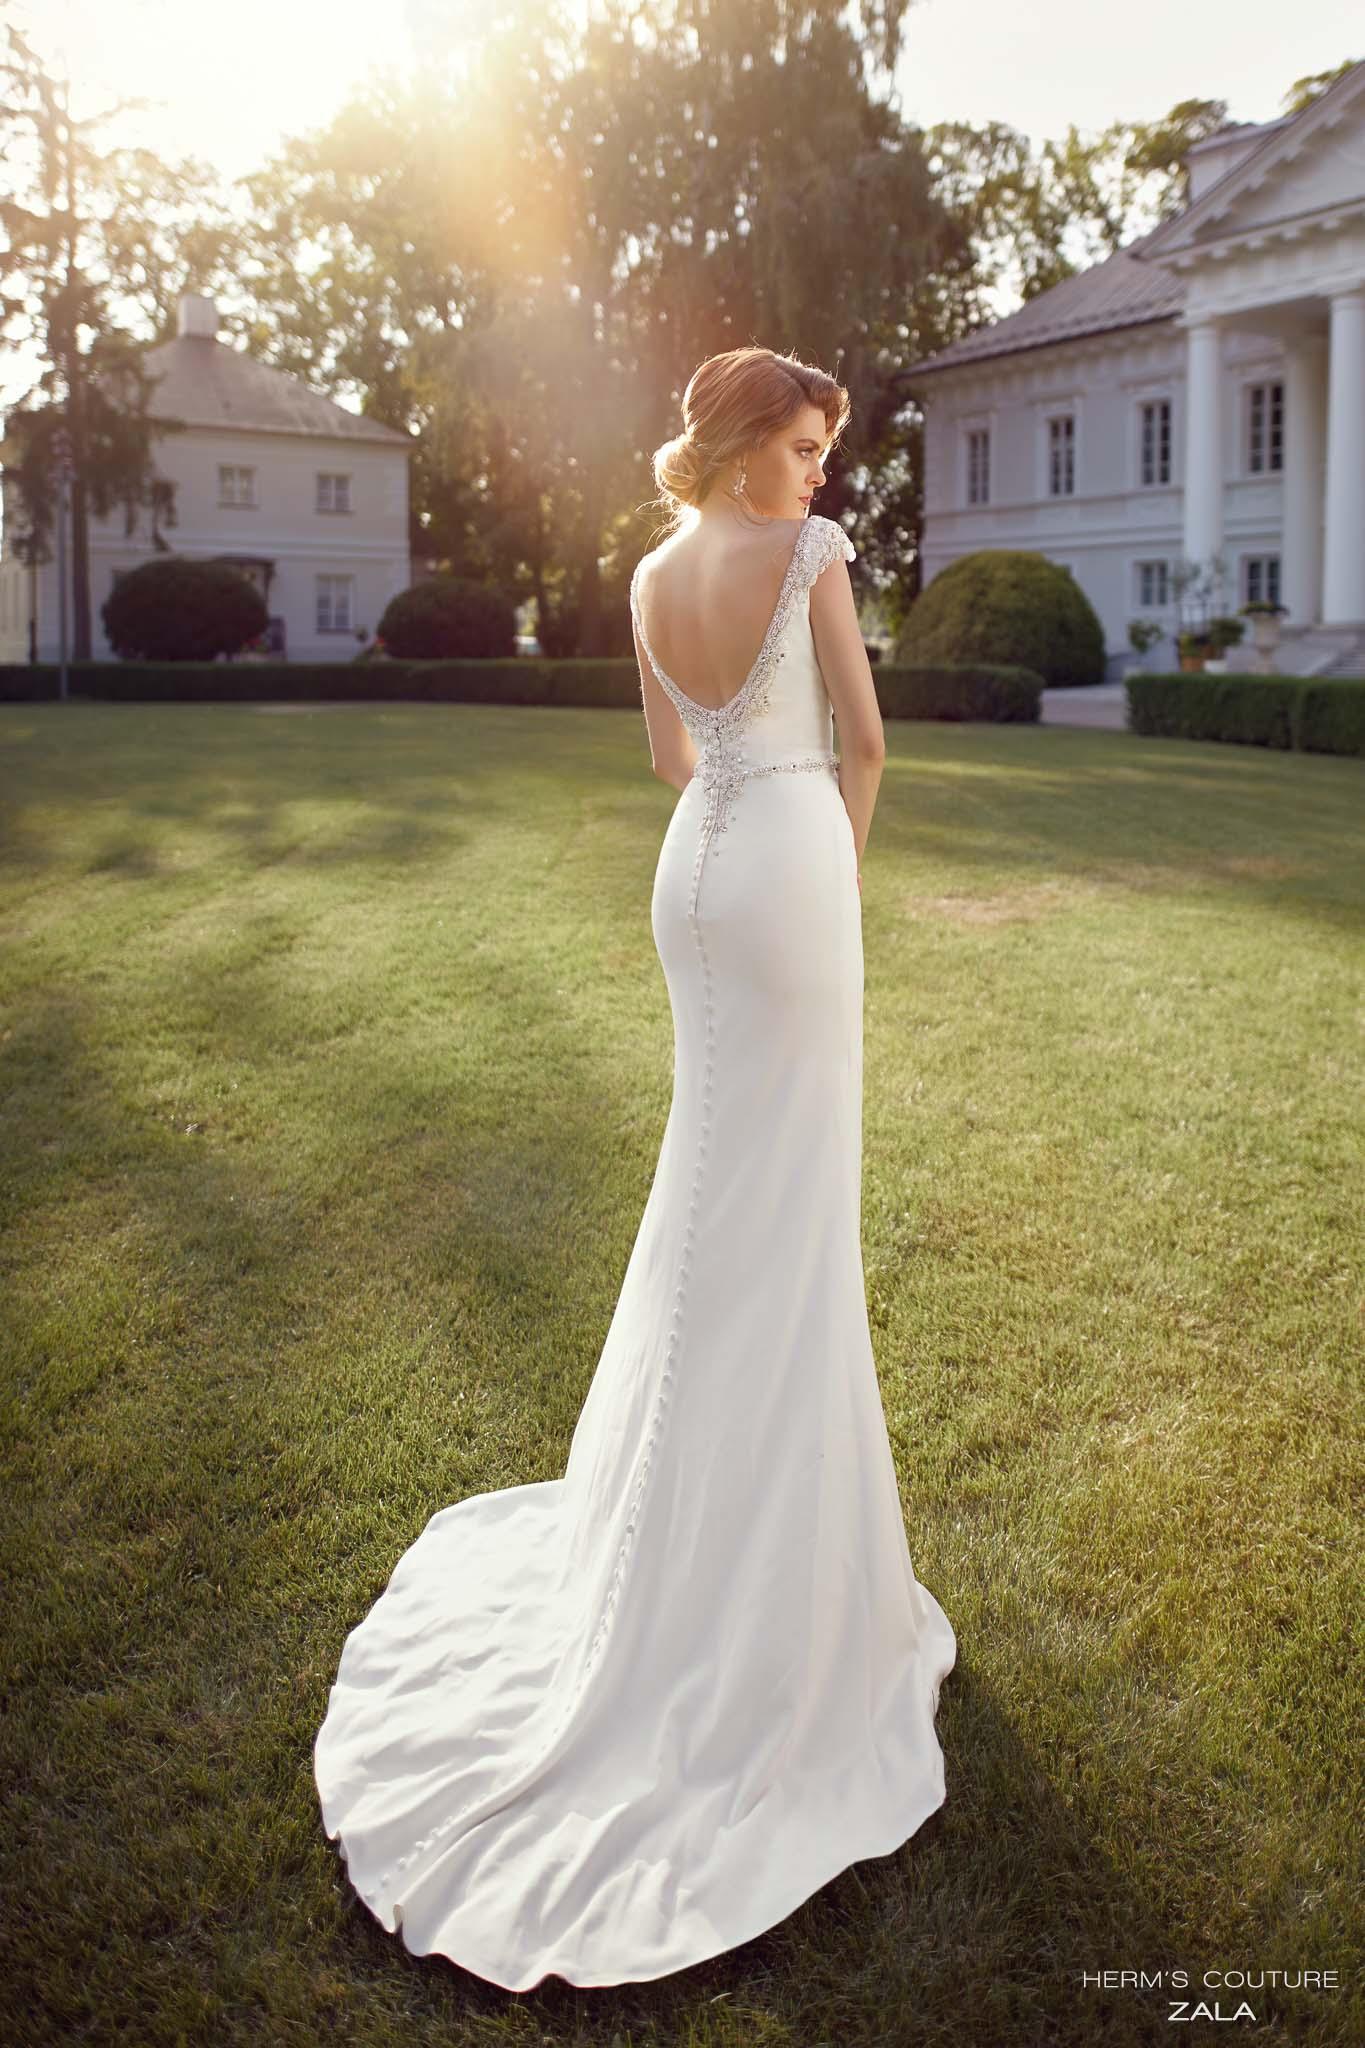 suknia slubna herms bridal couture Zala